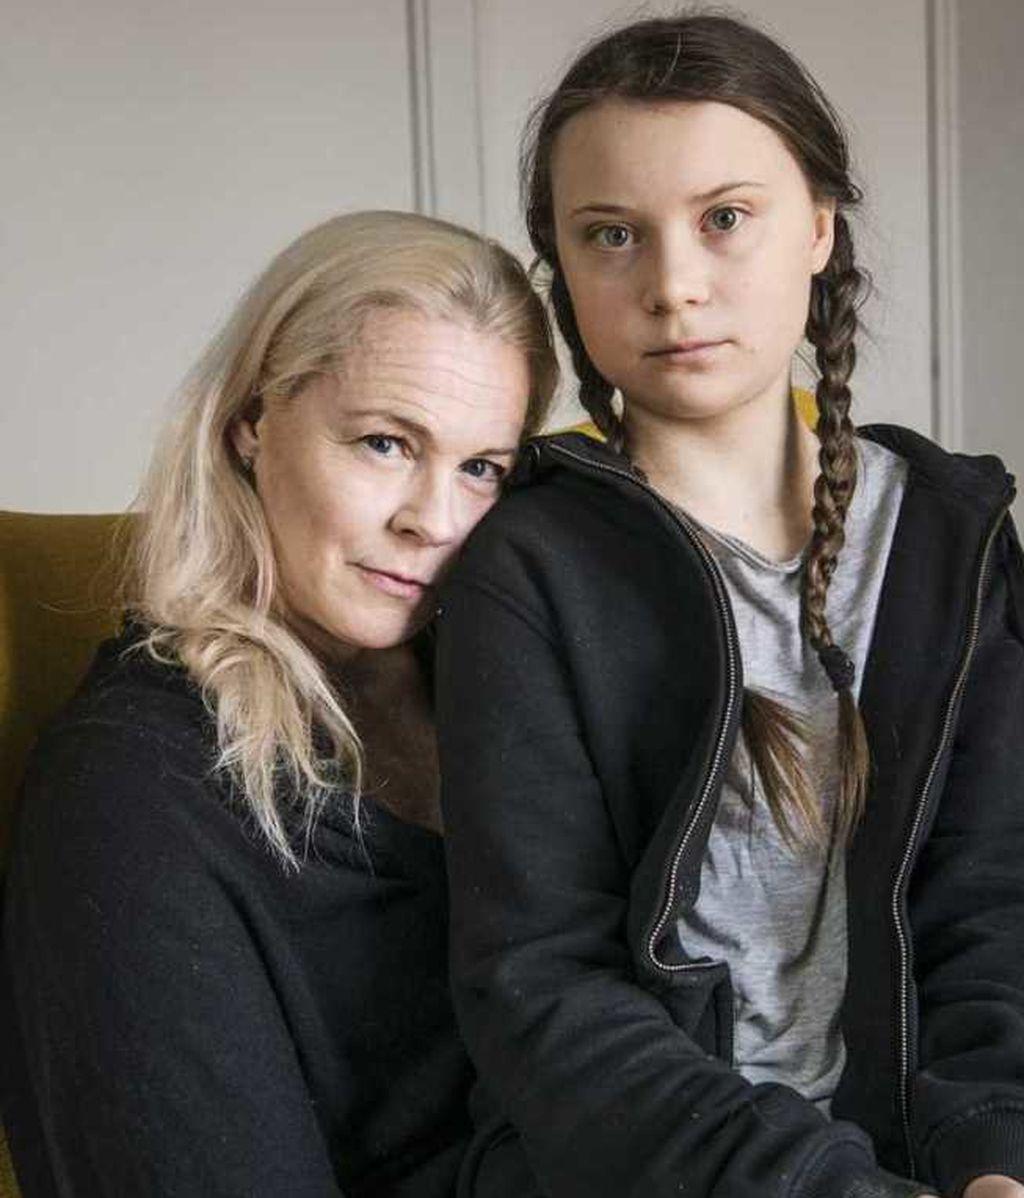 Malena-Ernman-y-Greta-Thunberg-Foto-Especial